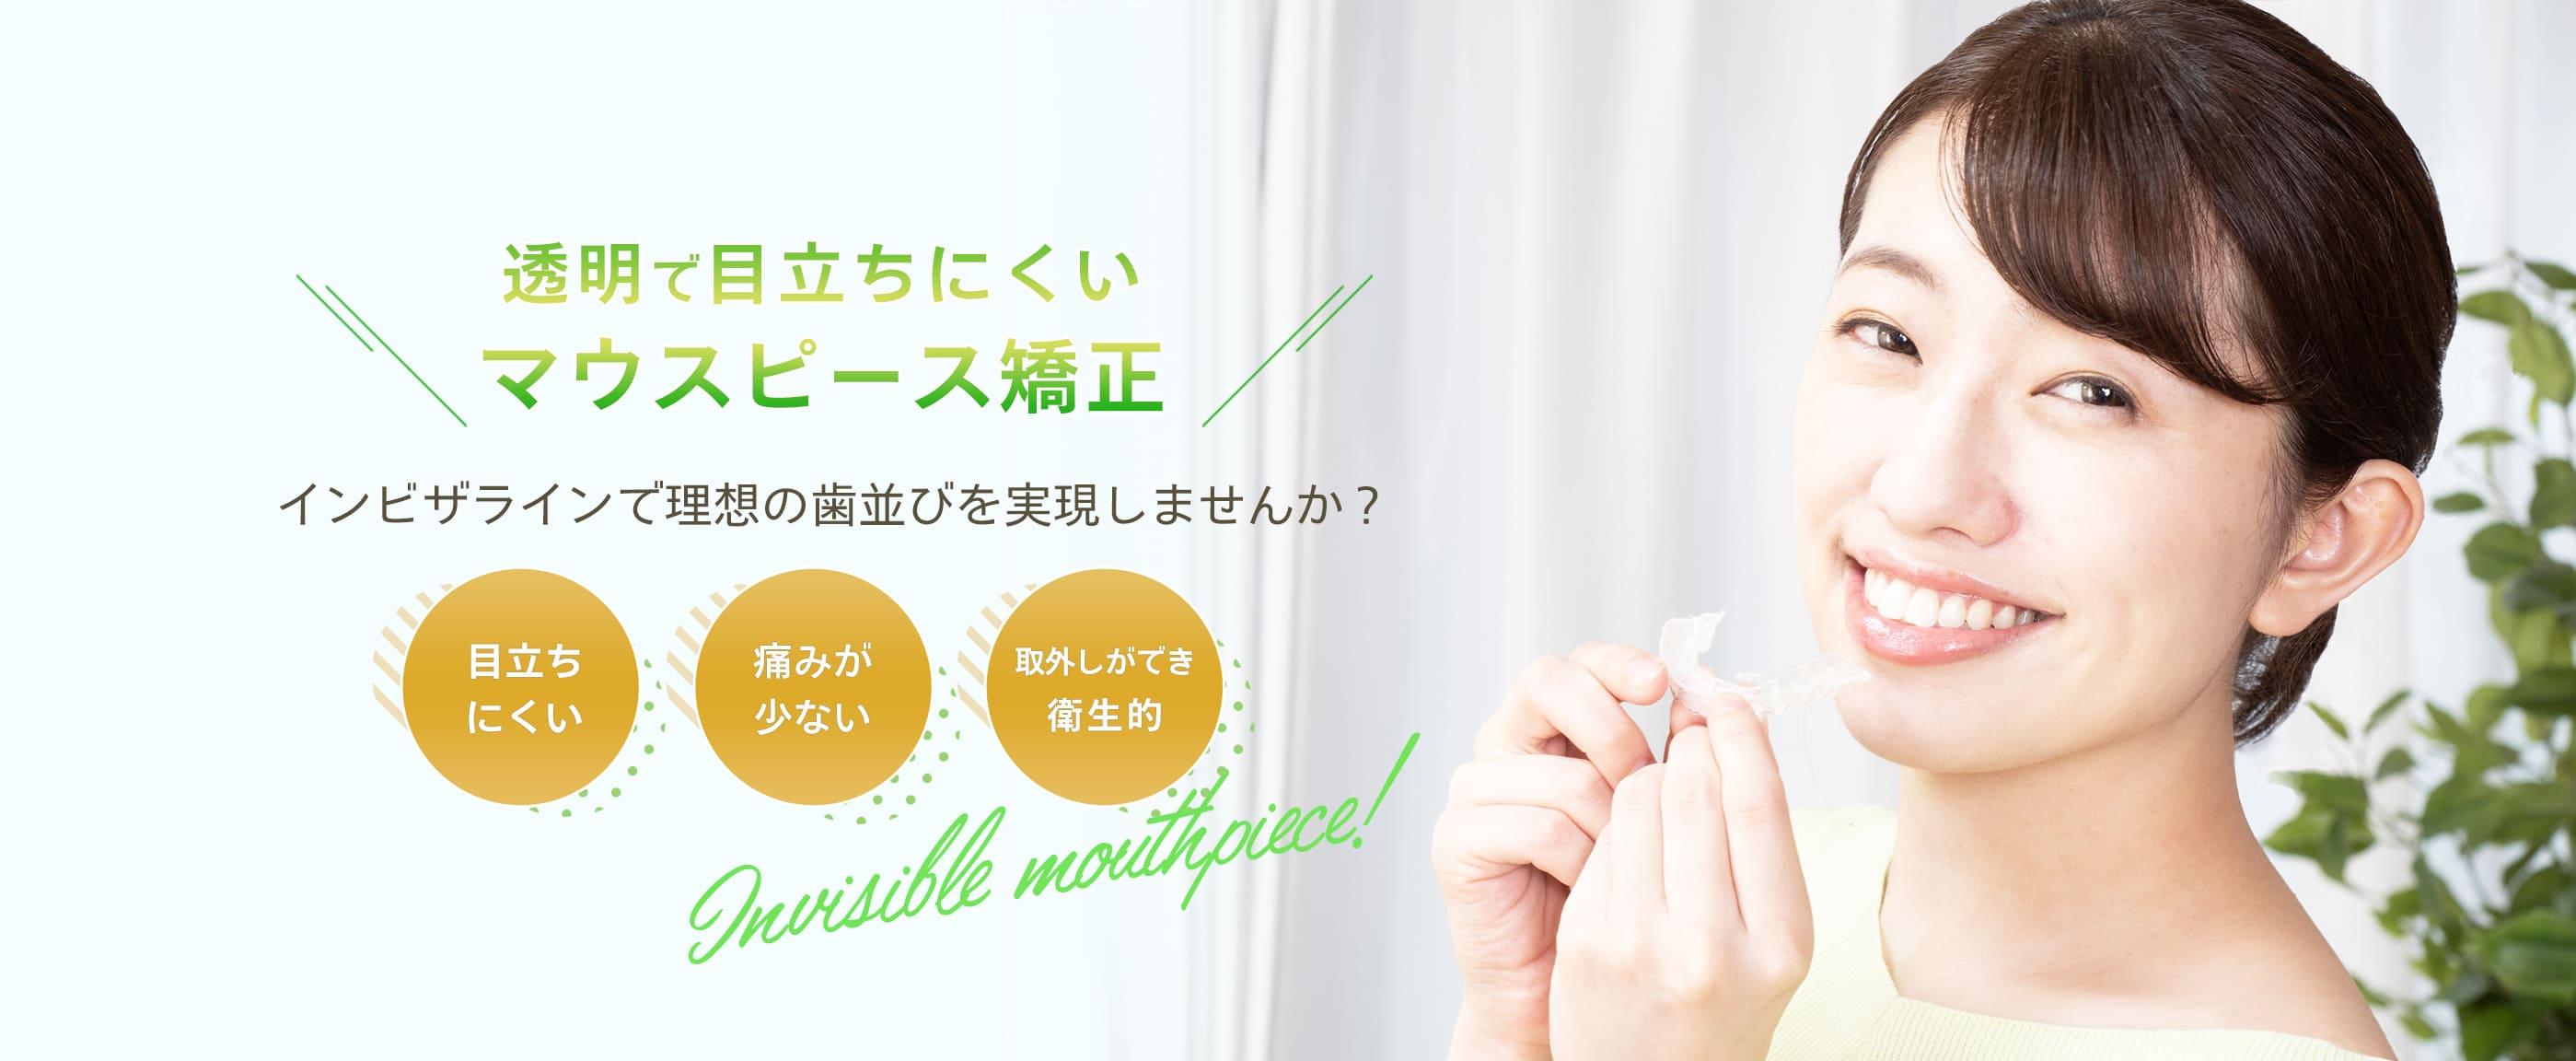 透明で目立ちにくいマウスピース矯正 インビザラインで理想の歯並びを実現しませんか?